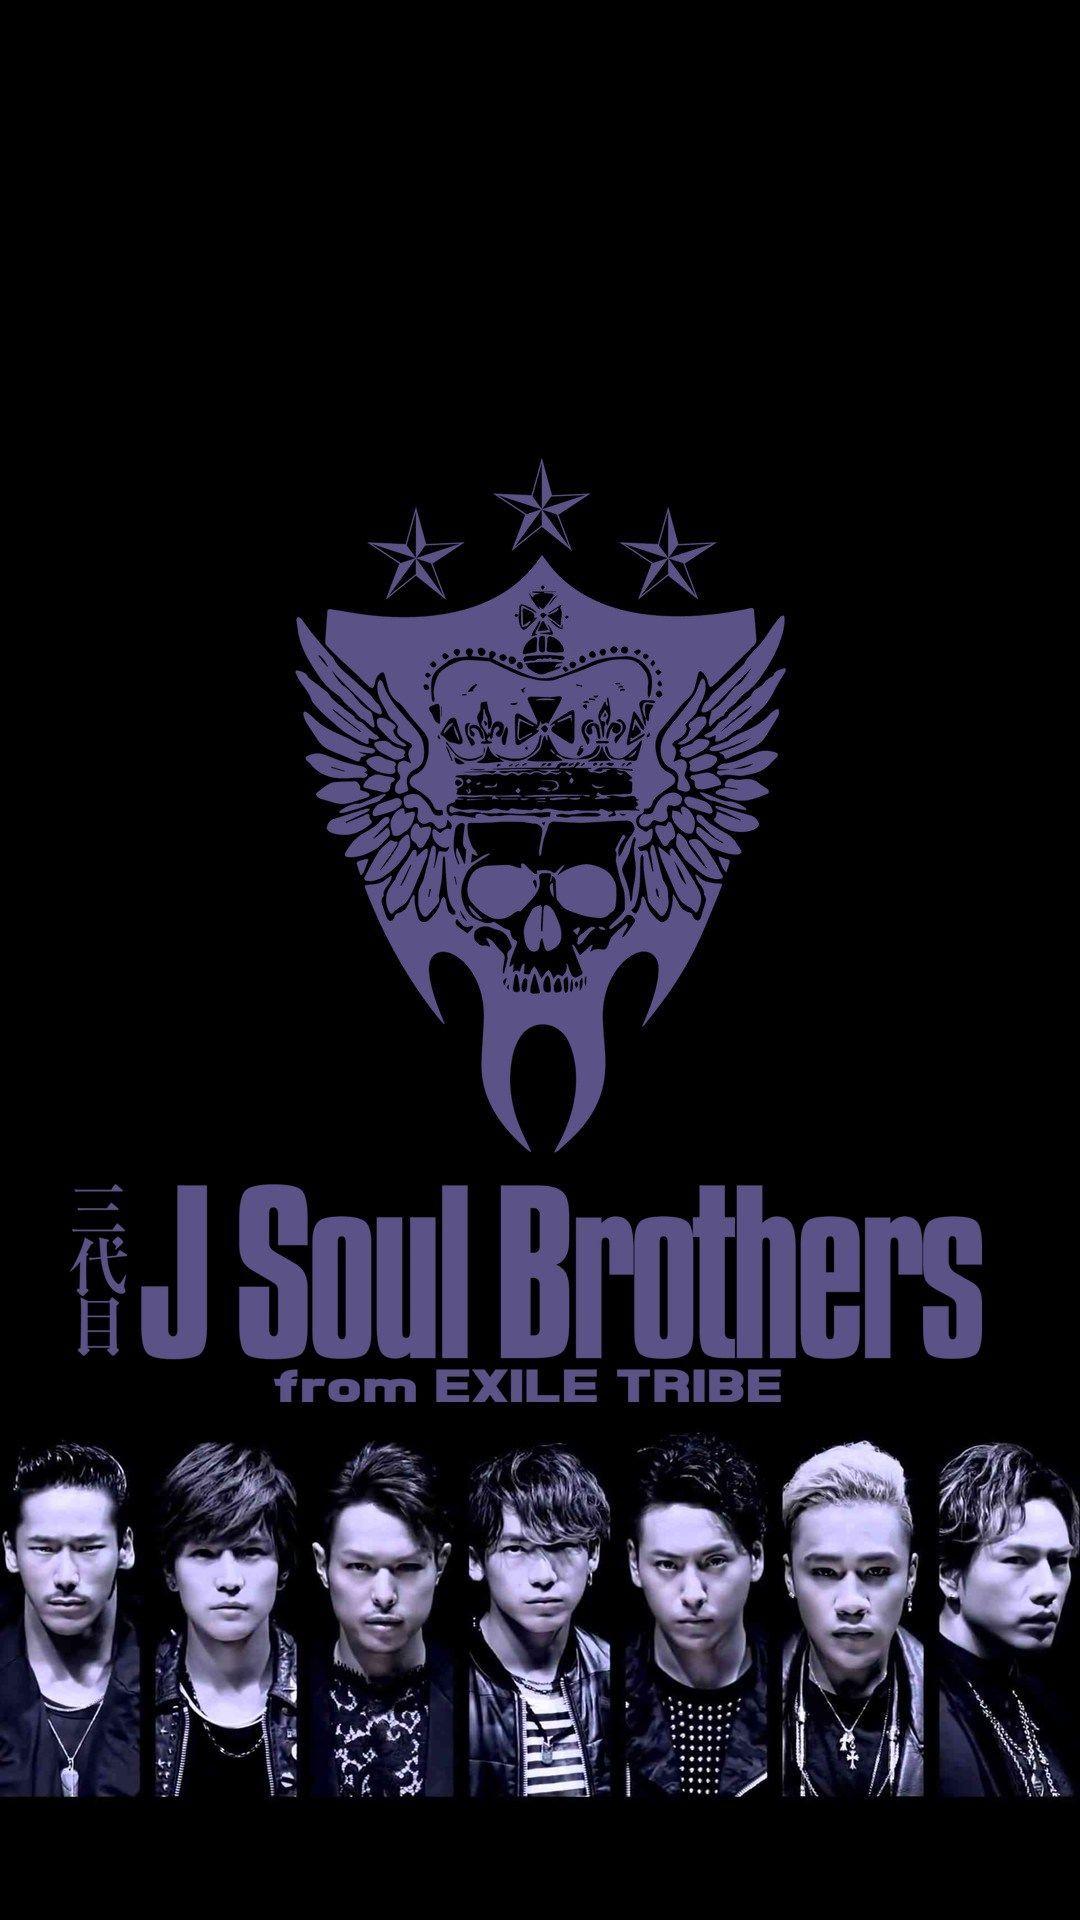 無料ダウンロード 3 代目 J Soul Brothers 壁紙 三代目j Soul